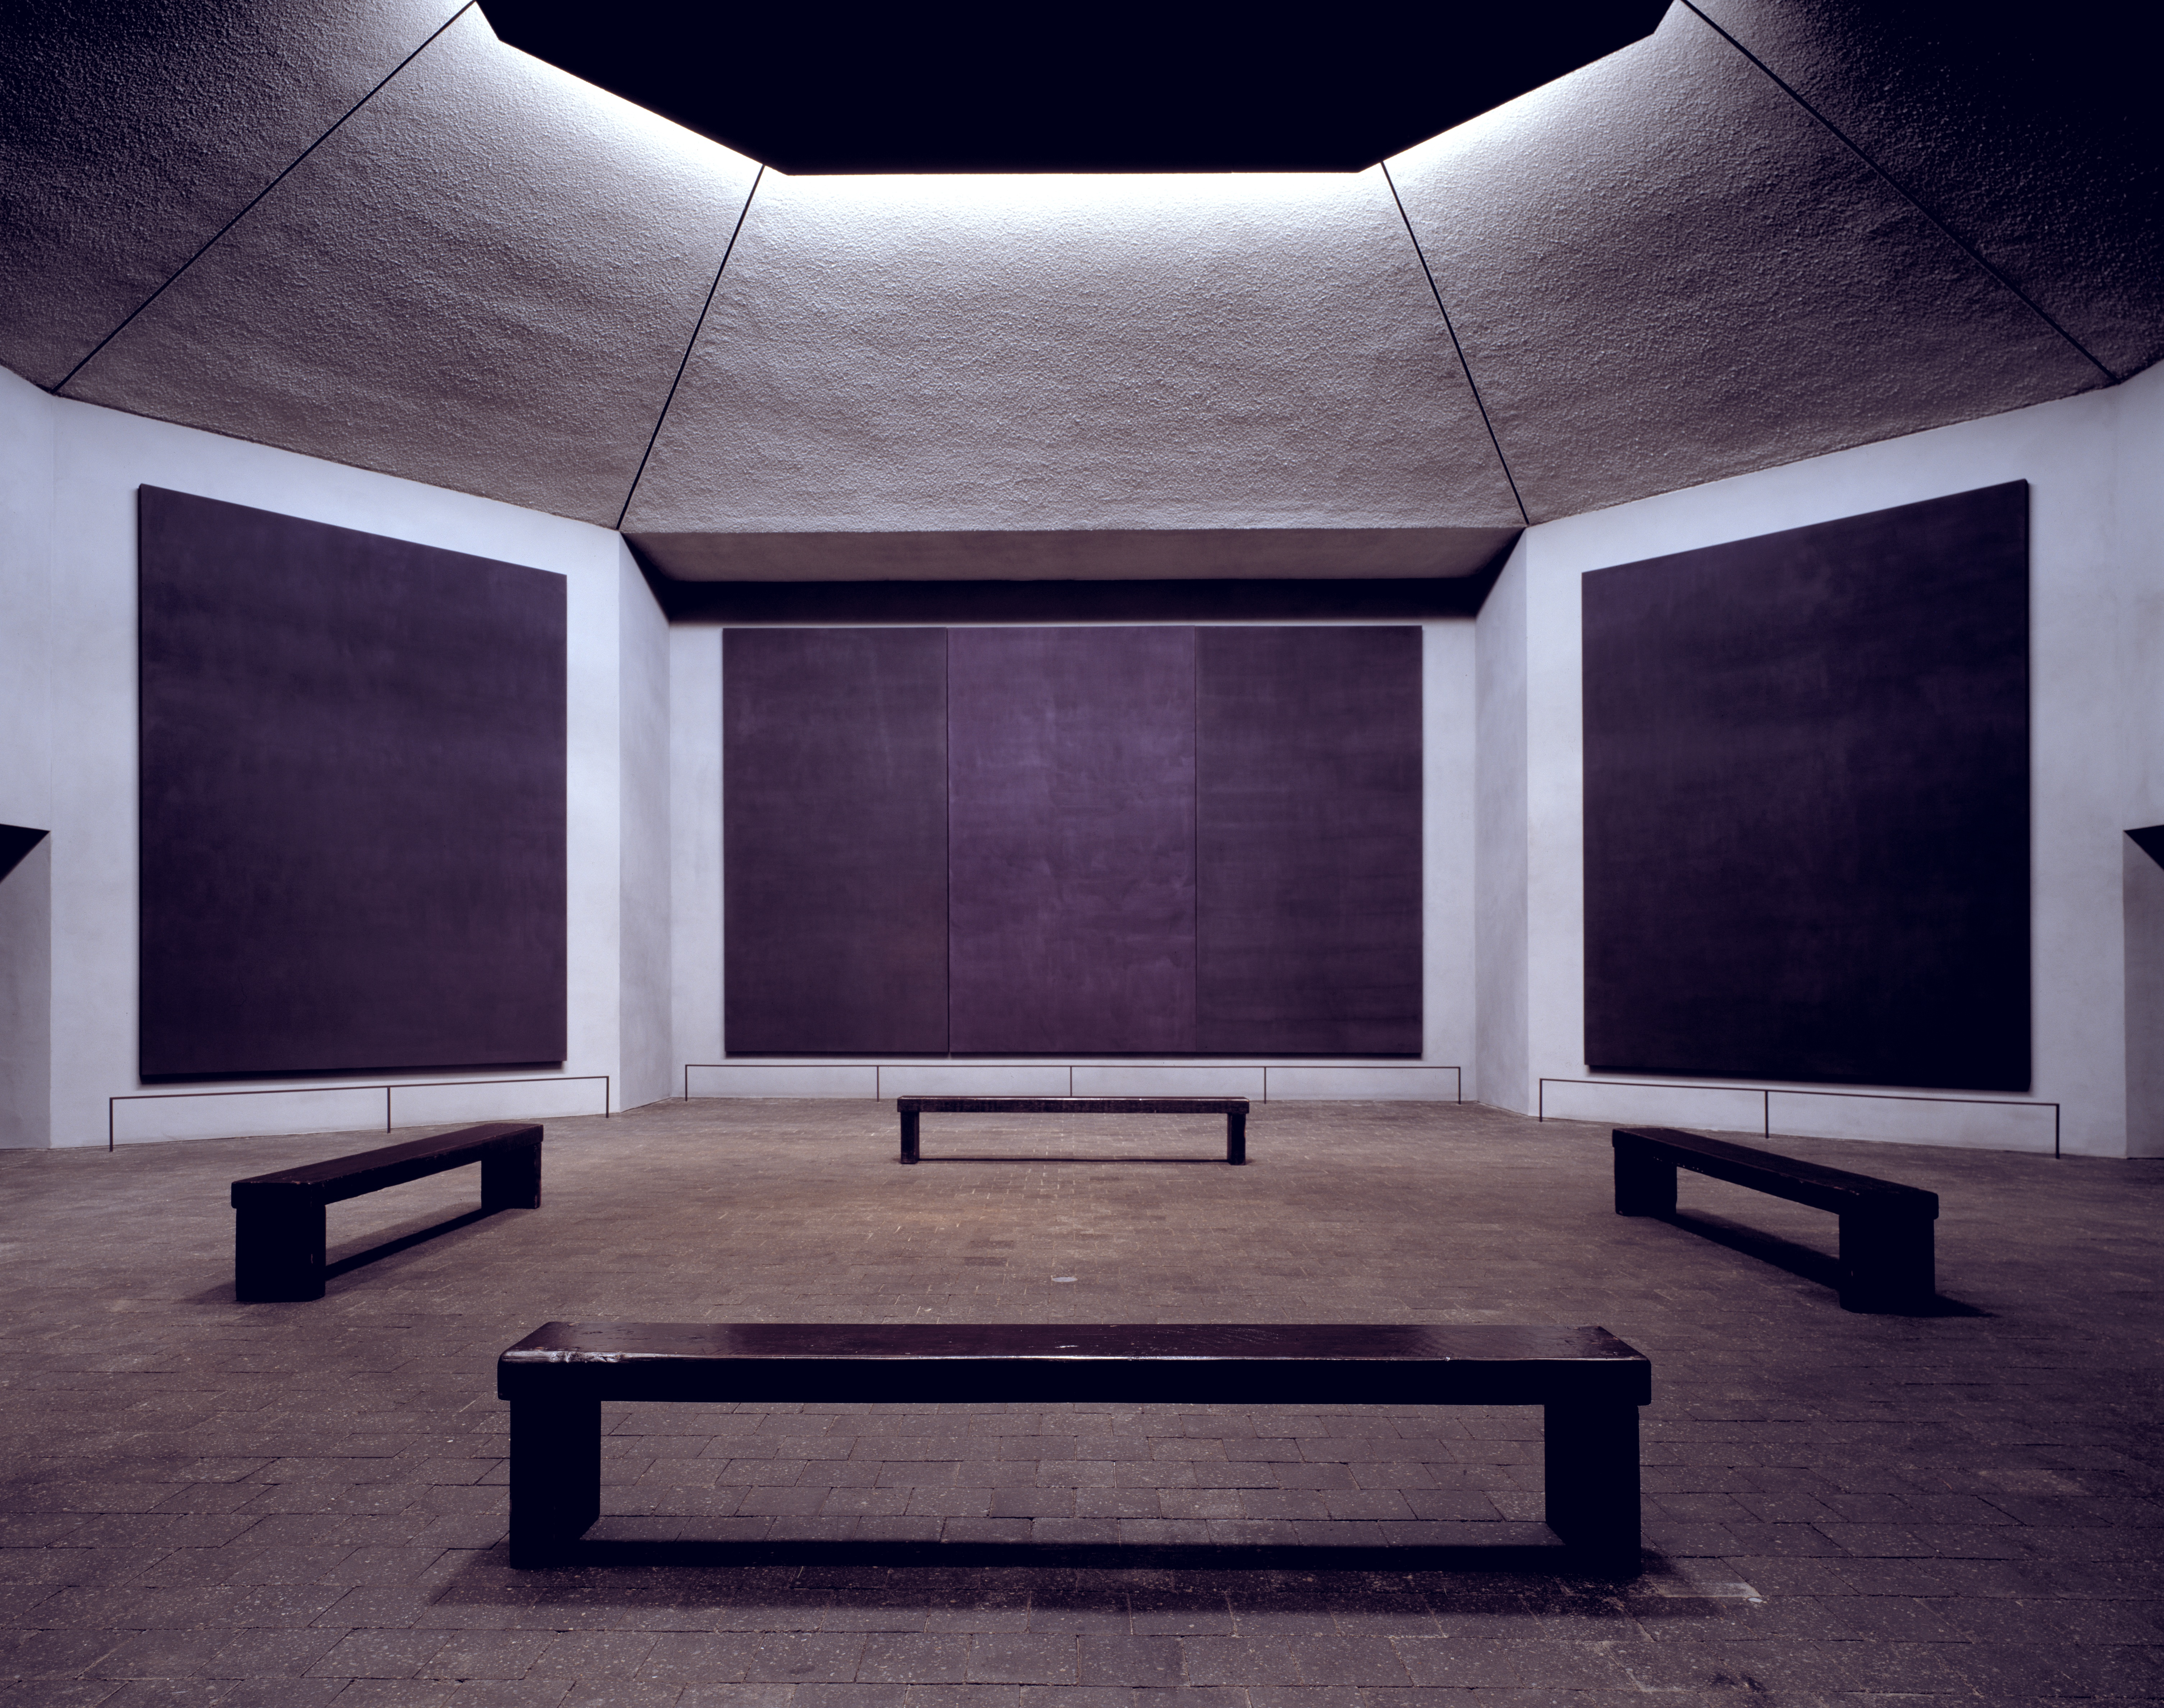 Mark Rothko Rothko Chapel (1964-71), Houston Texas, USA